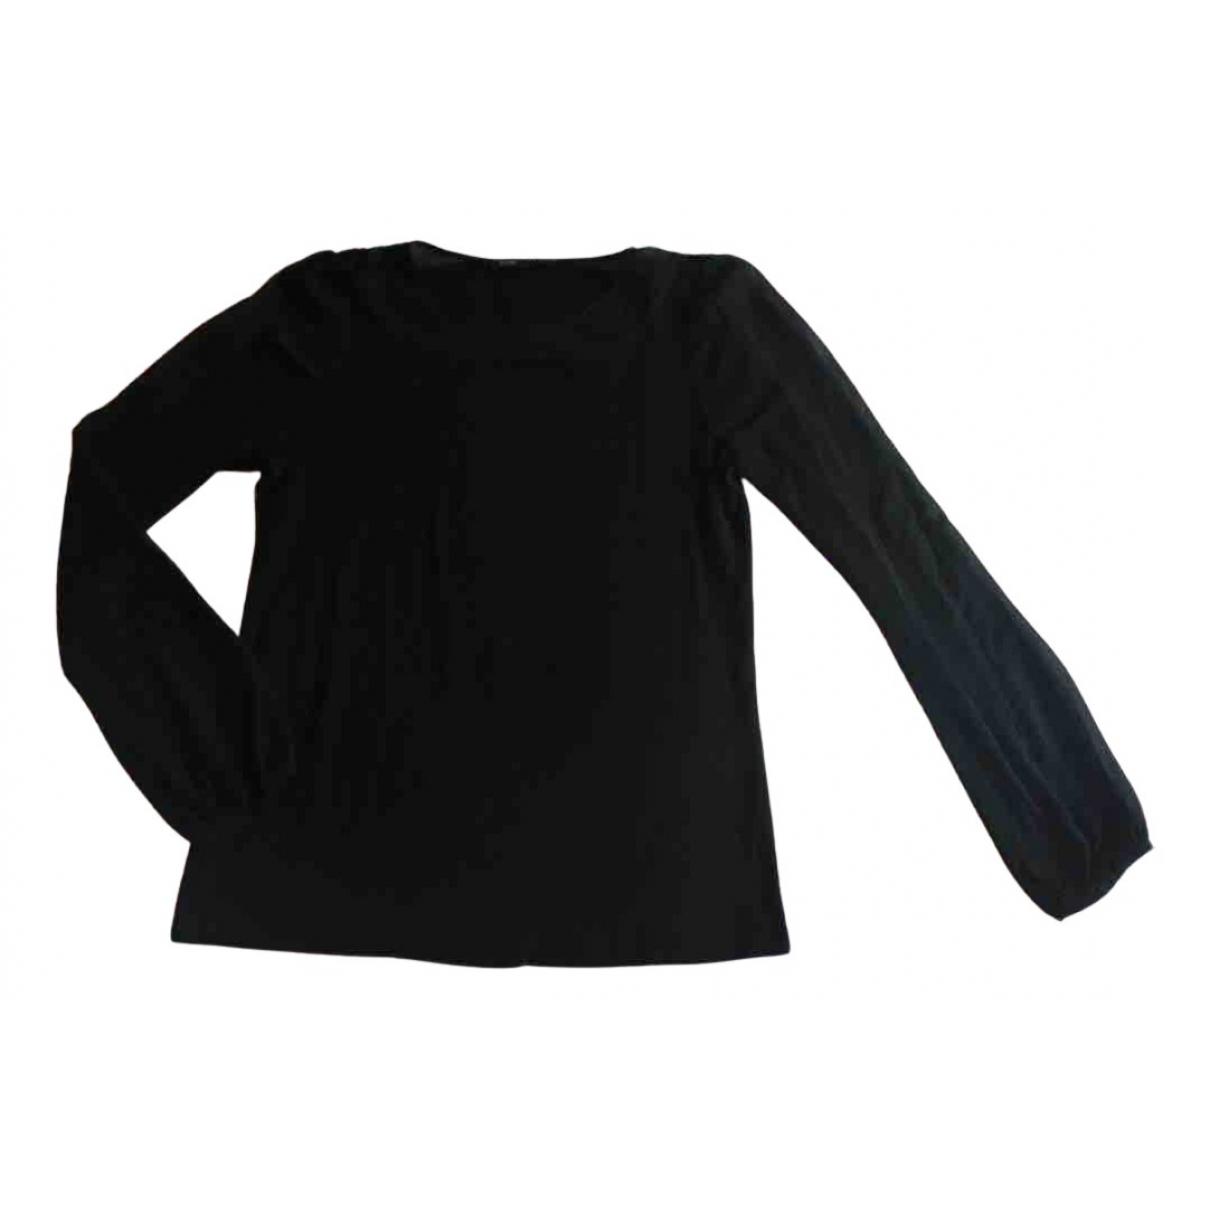 Maje - Top   pour femme en laine - noir